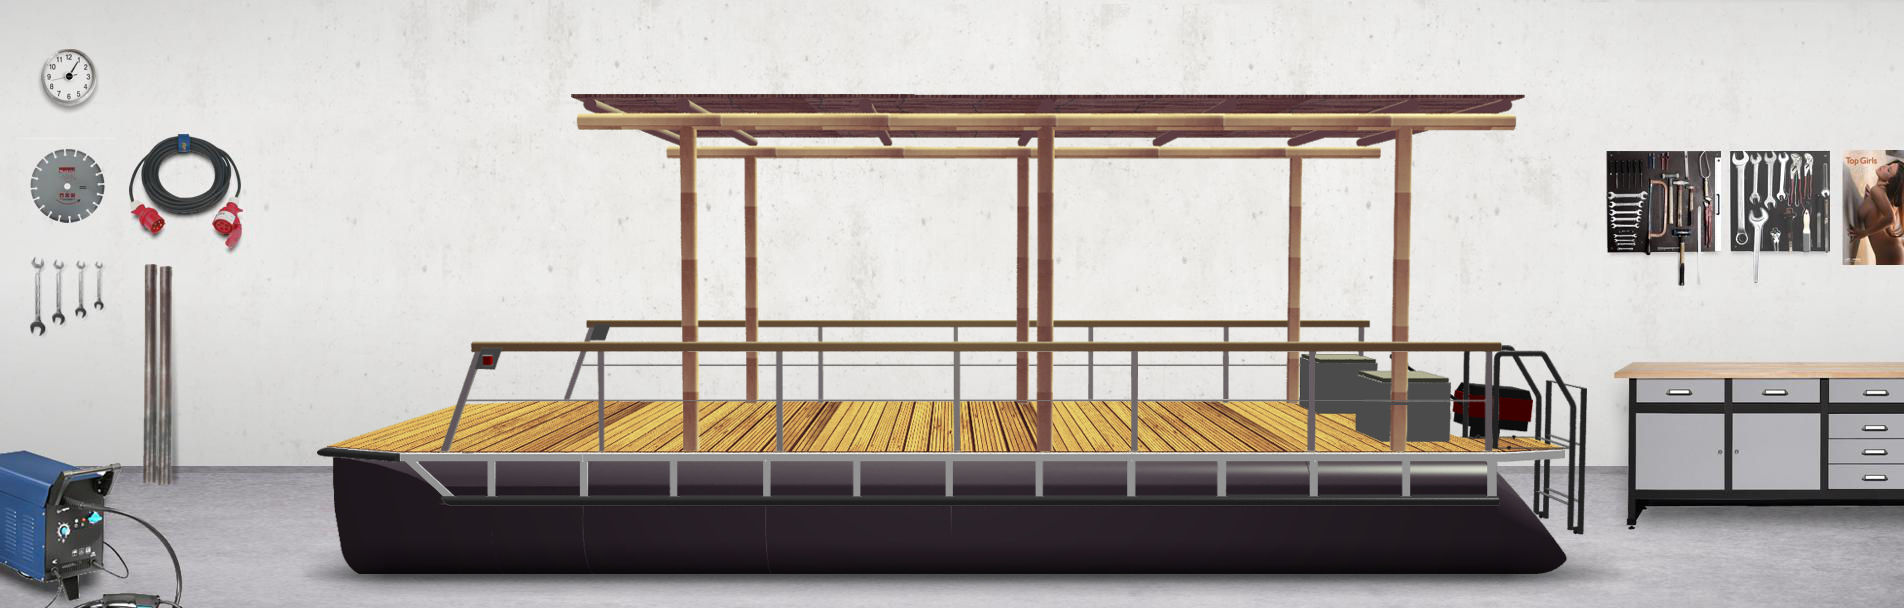 perebo schwimmsysteme perebo konfiguratoren boote und. Black Bedroom Furniture Sets. Home Design Ideas